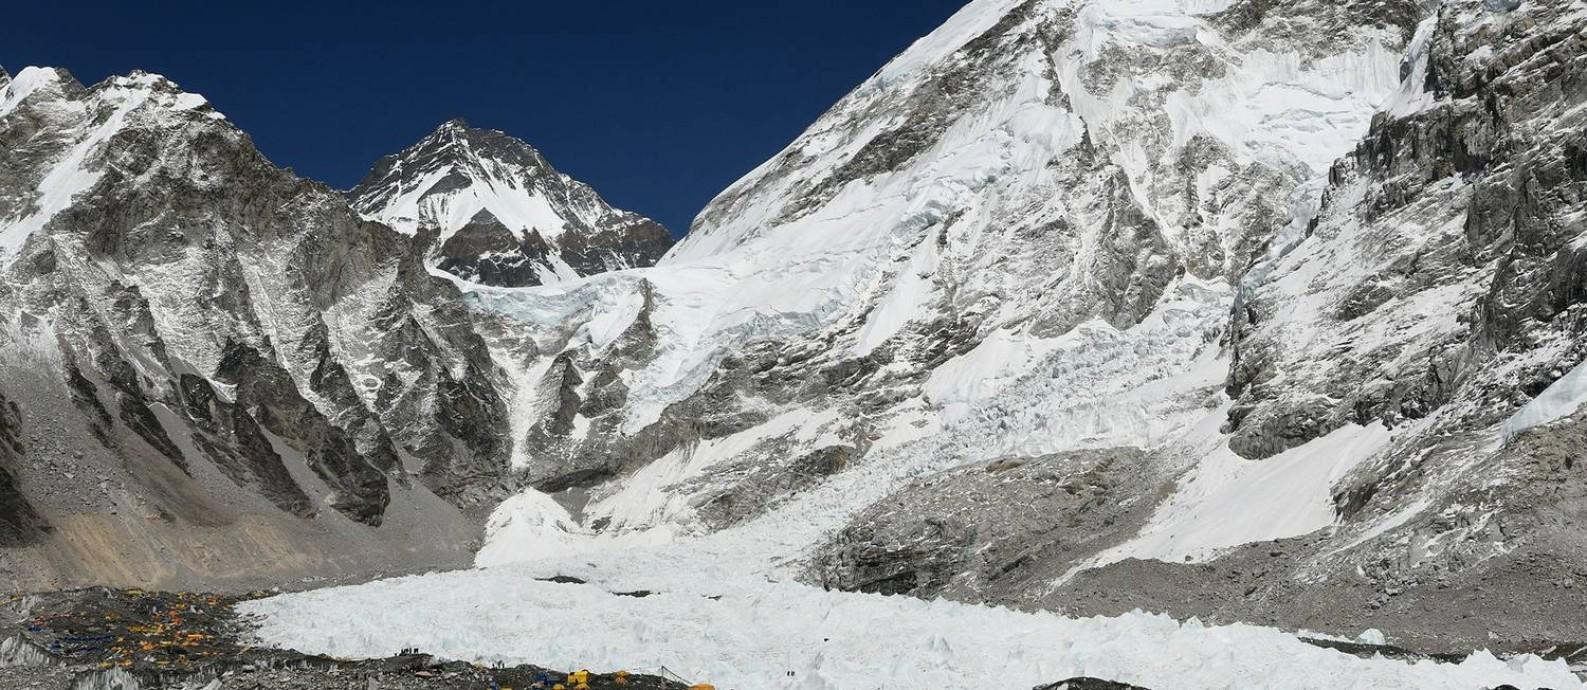 Visual do Acampamento Base do Monte Everest, no Nepal, onde chefs indianos pretendem abrir restaurante pop-up Foto: PRAKASH MATHEMA / AFP